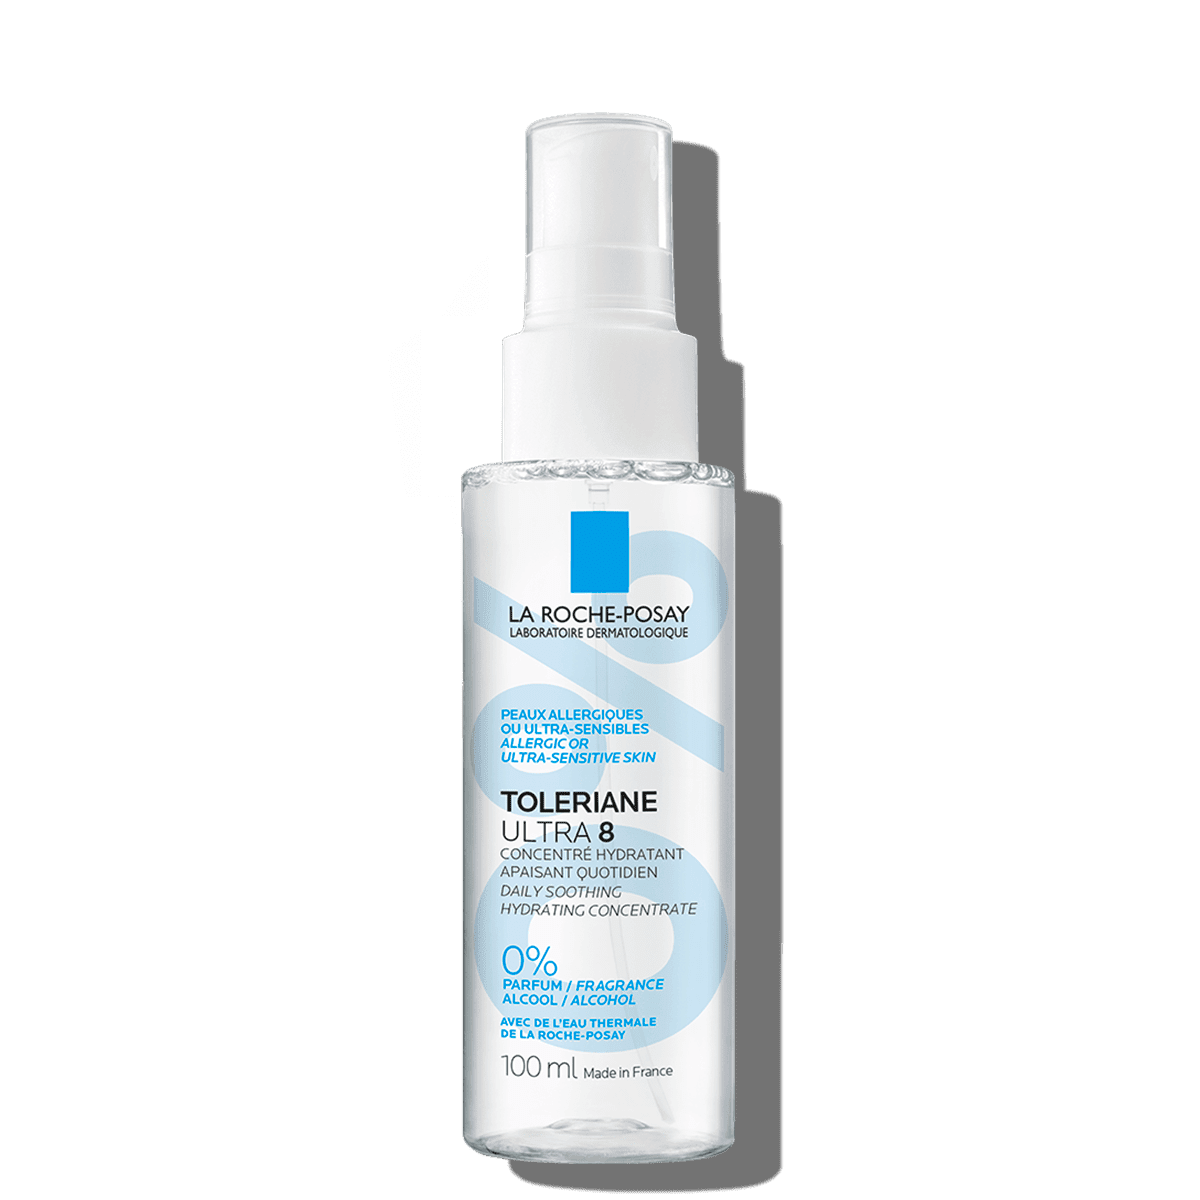 La Roche Posay Produktsida Känslig Allergisk Toleriane Ultra 8 100ml